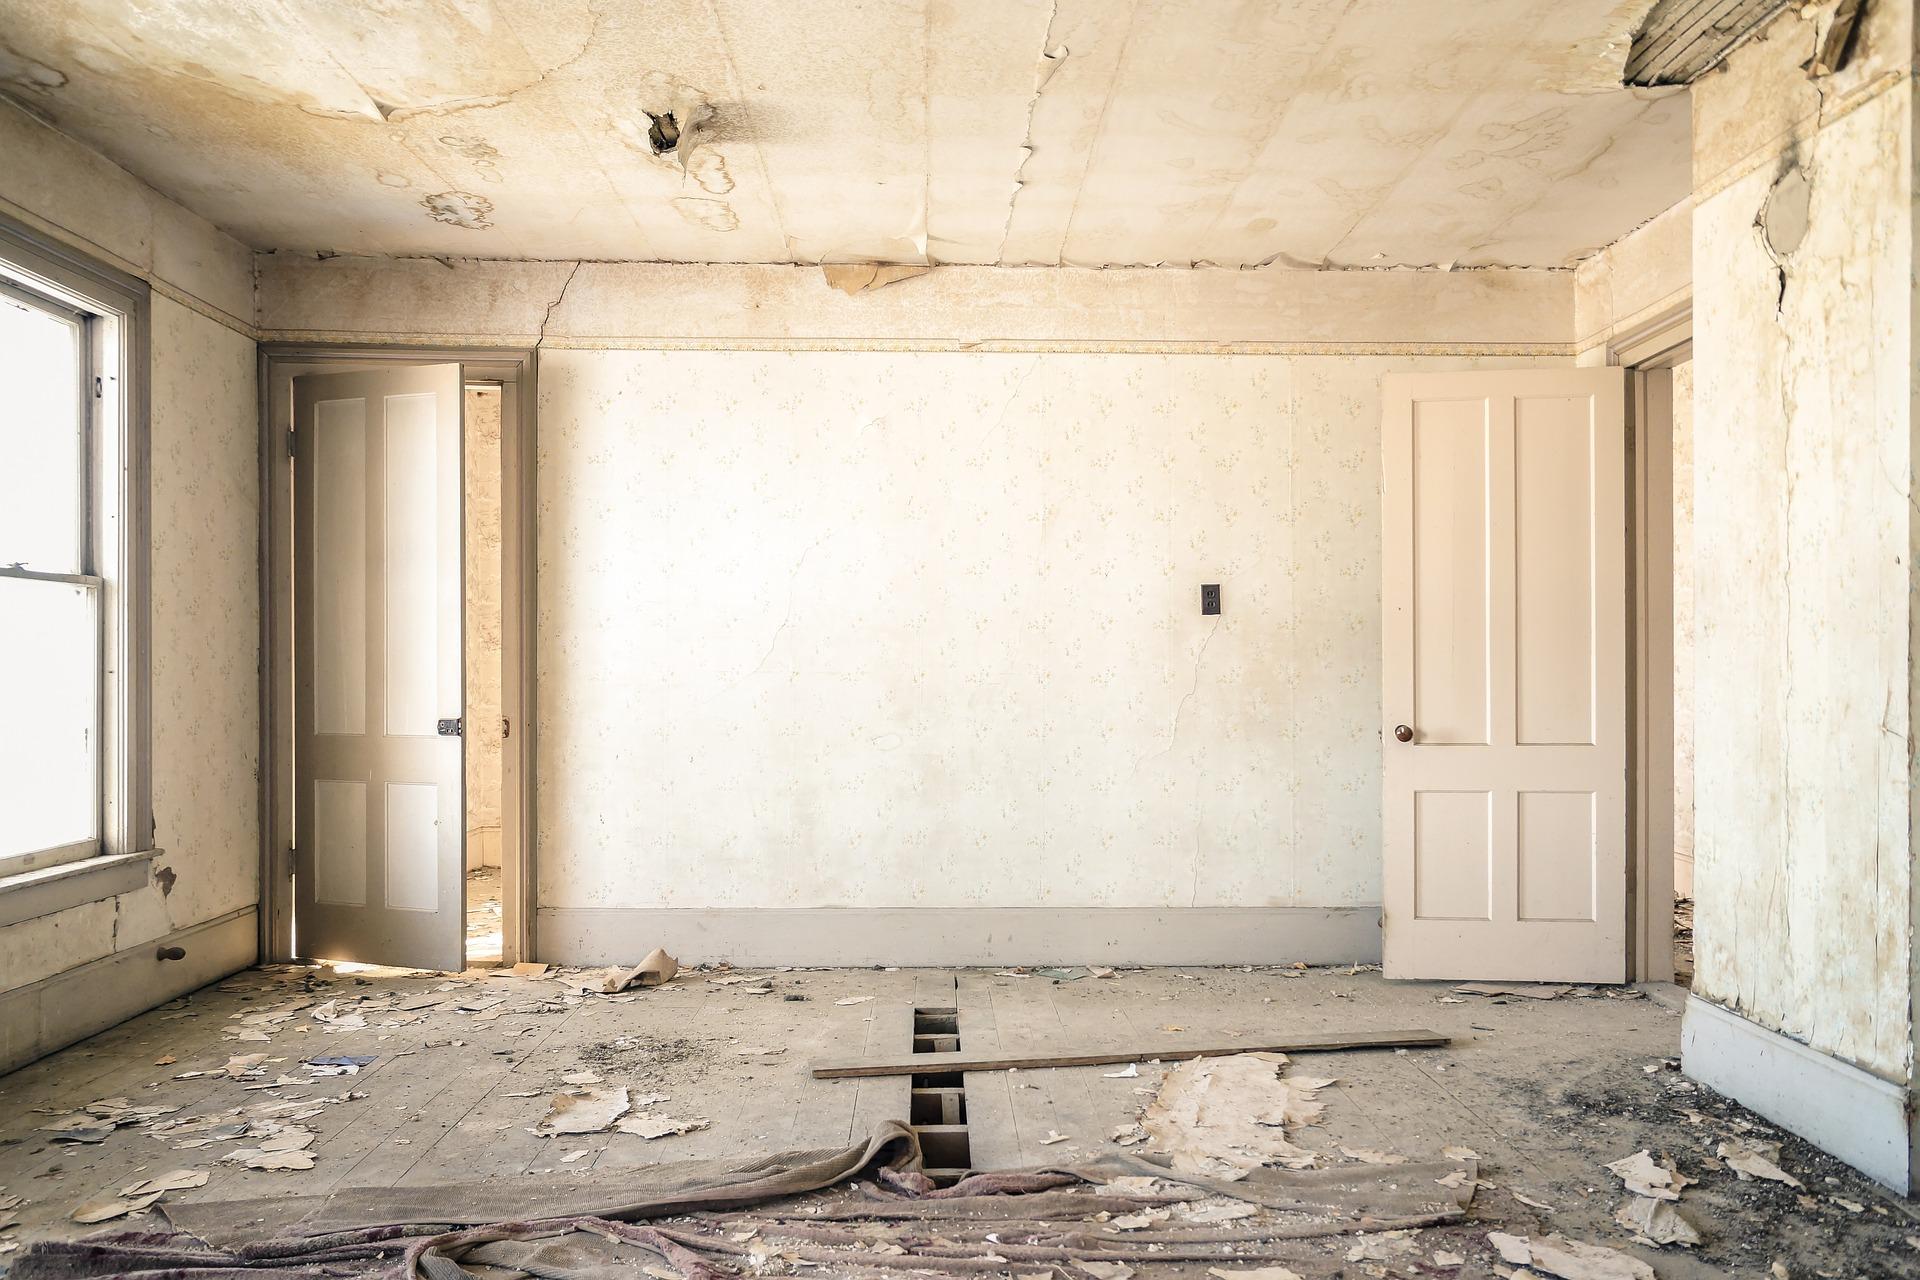 Schimmel In Der Wohnung Das Sind Ihre Rechte Als Mieter